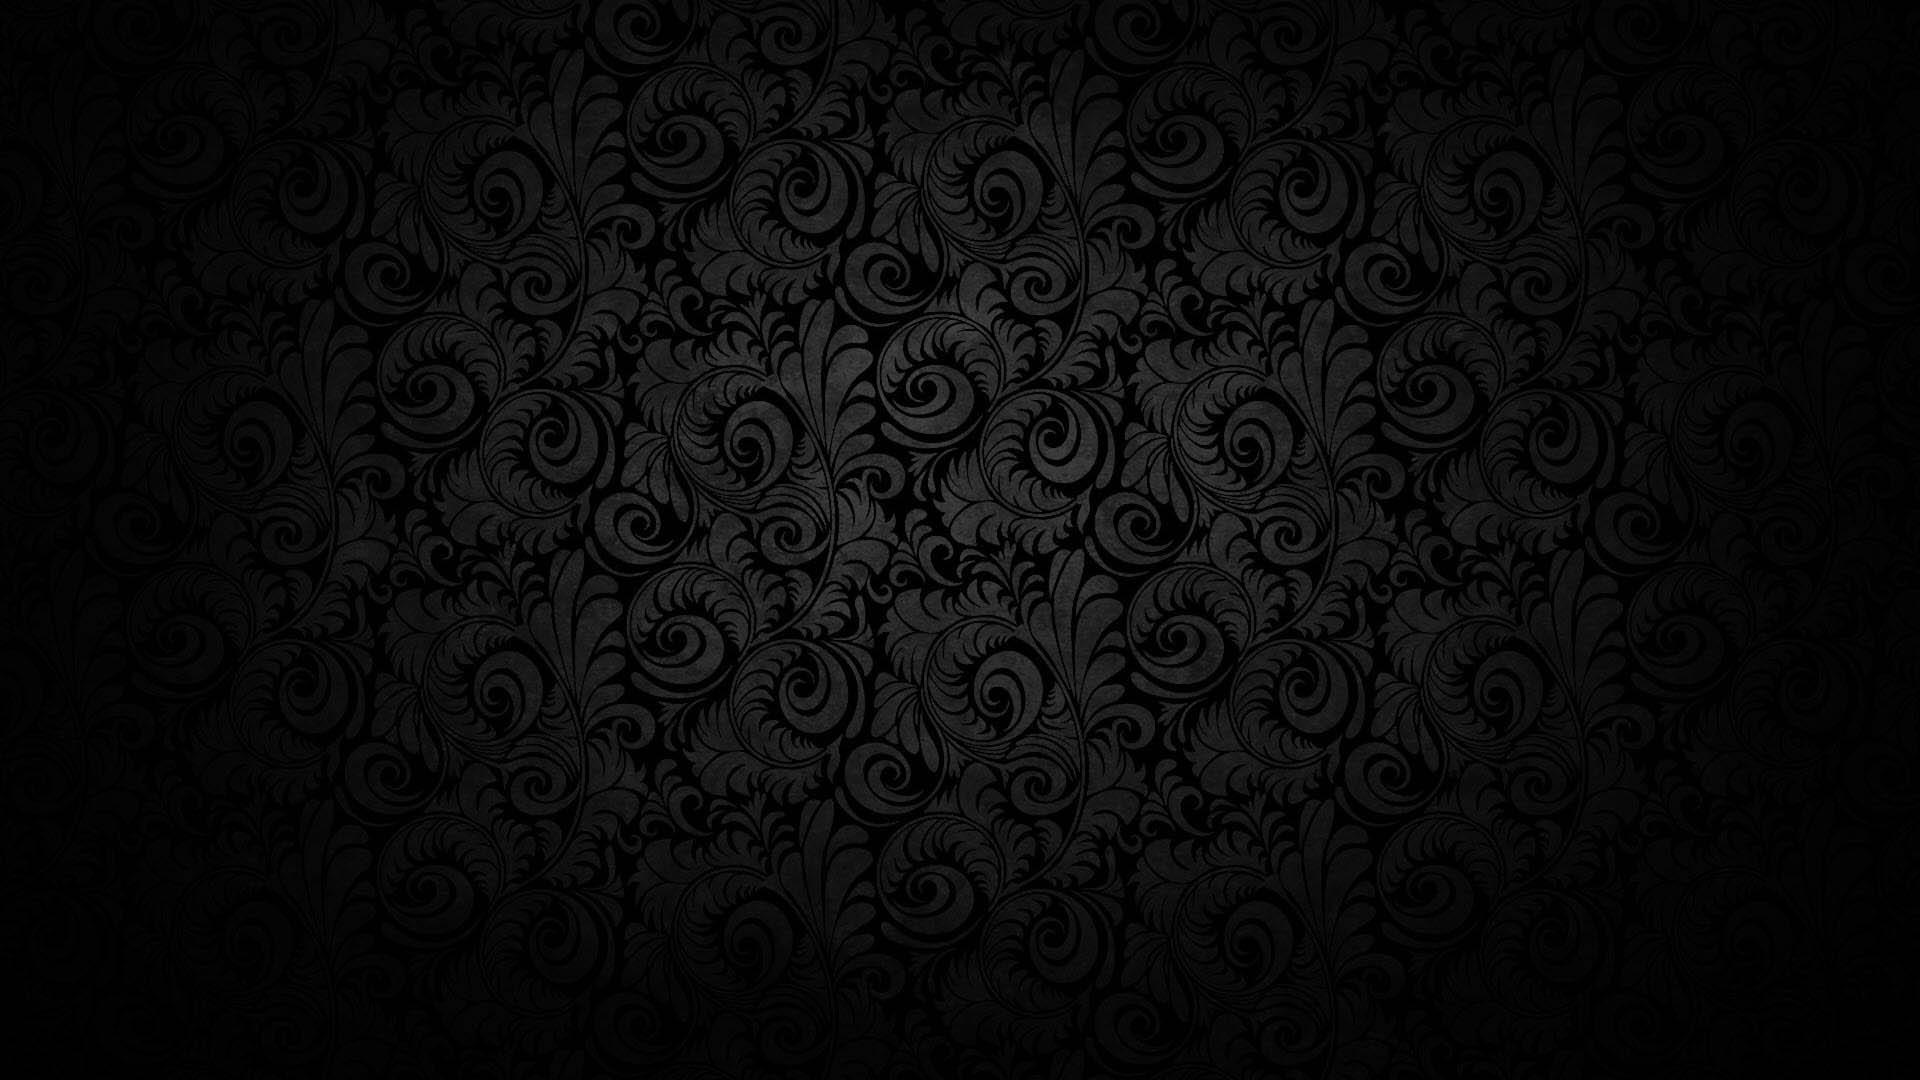 Hình nền đen họa tiết đẹp nhất Full HD